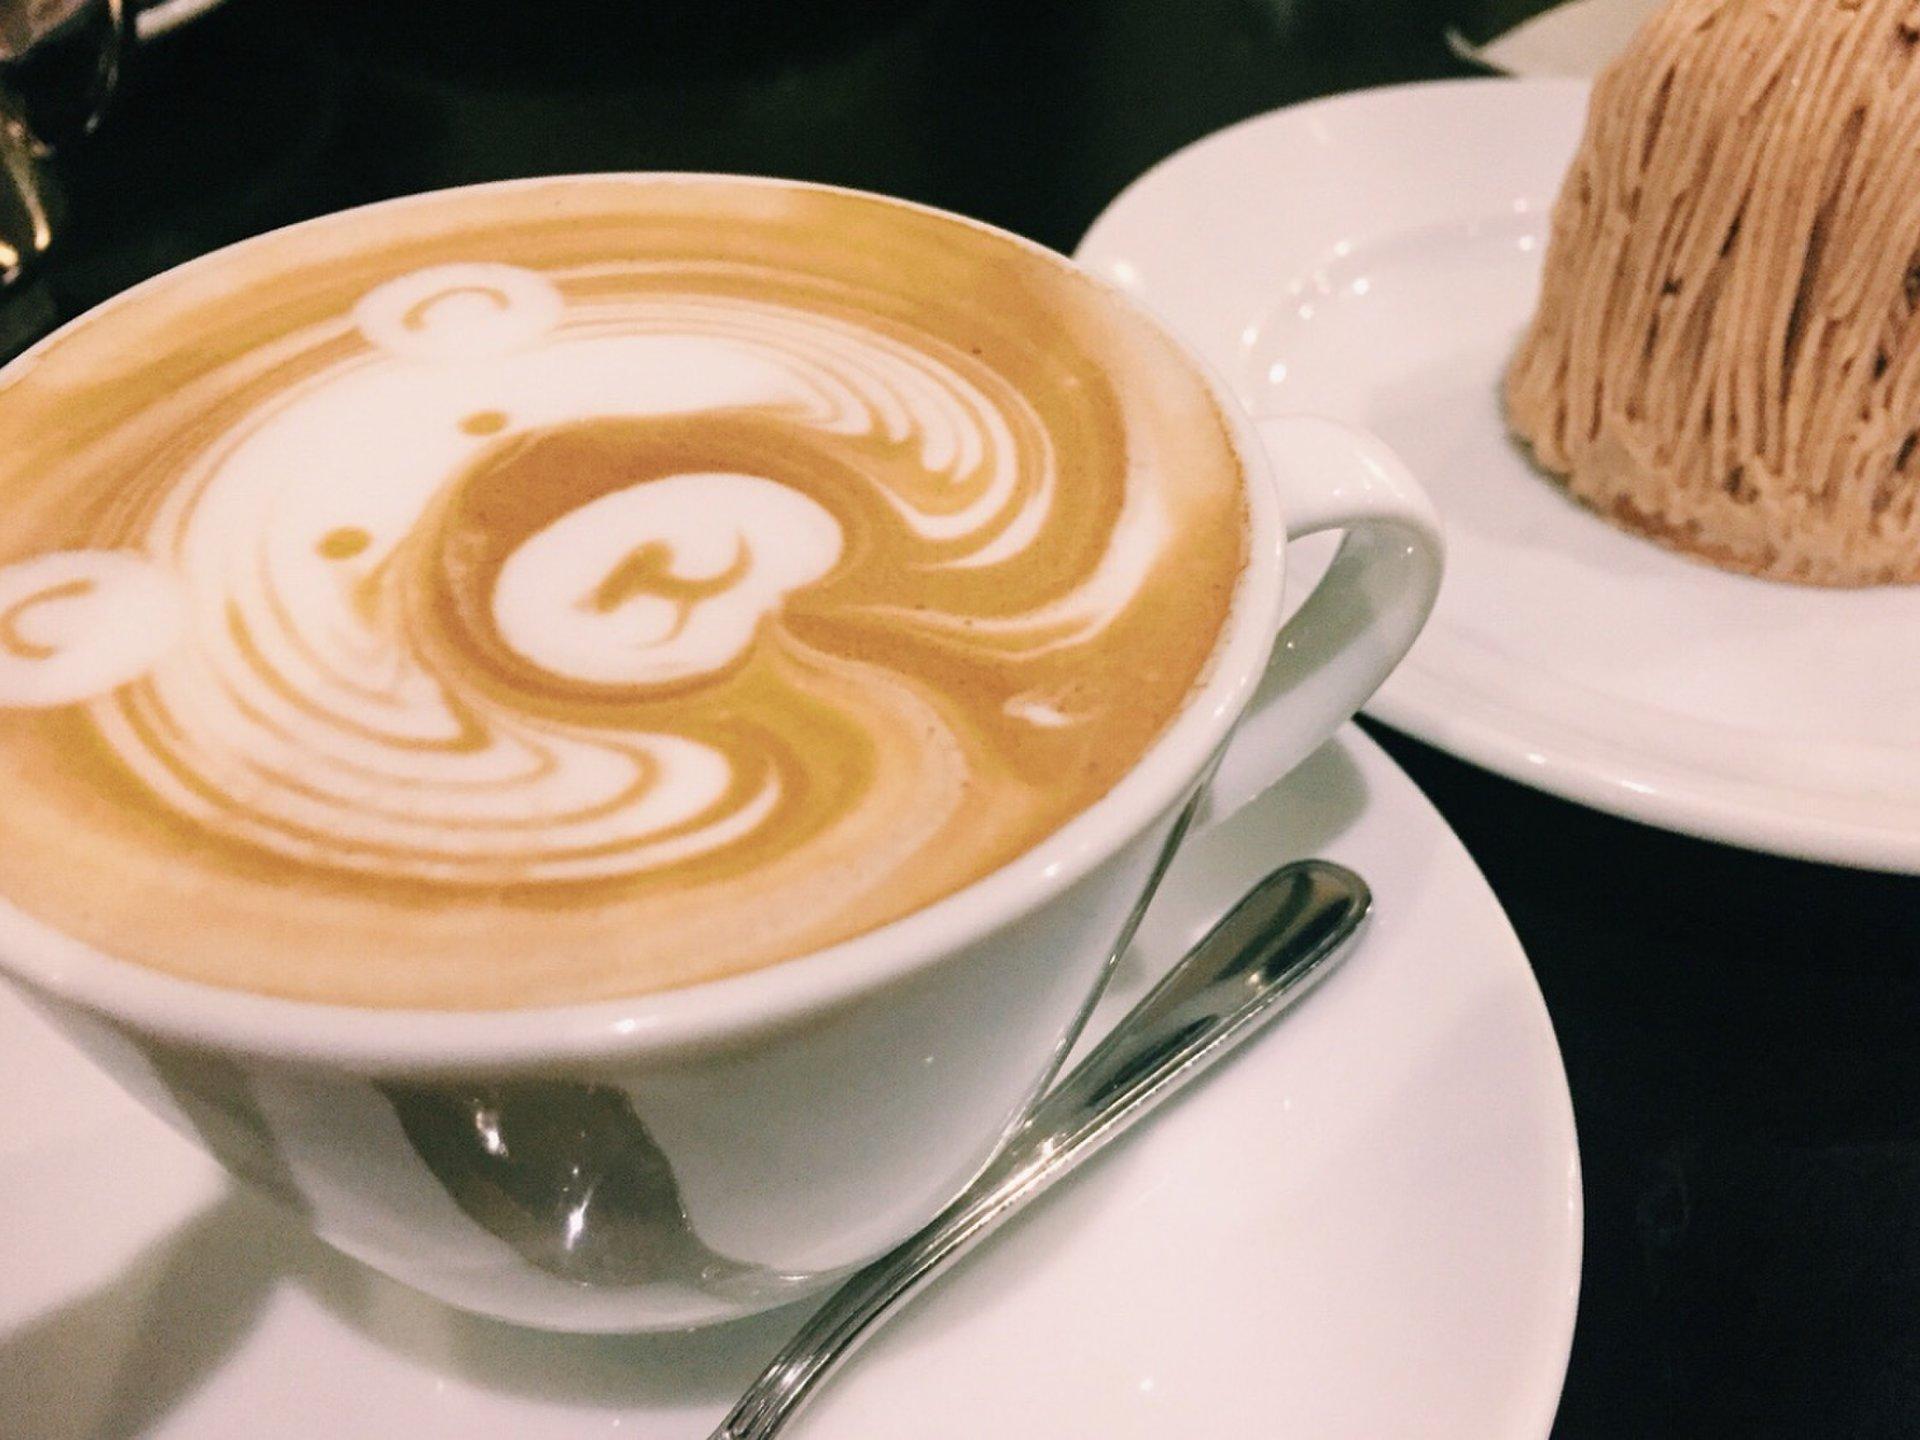 代官山でホッと一息つきたい時におすすめのカフェ3選♡静かな時間を過ごせるよ。